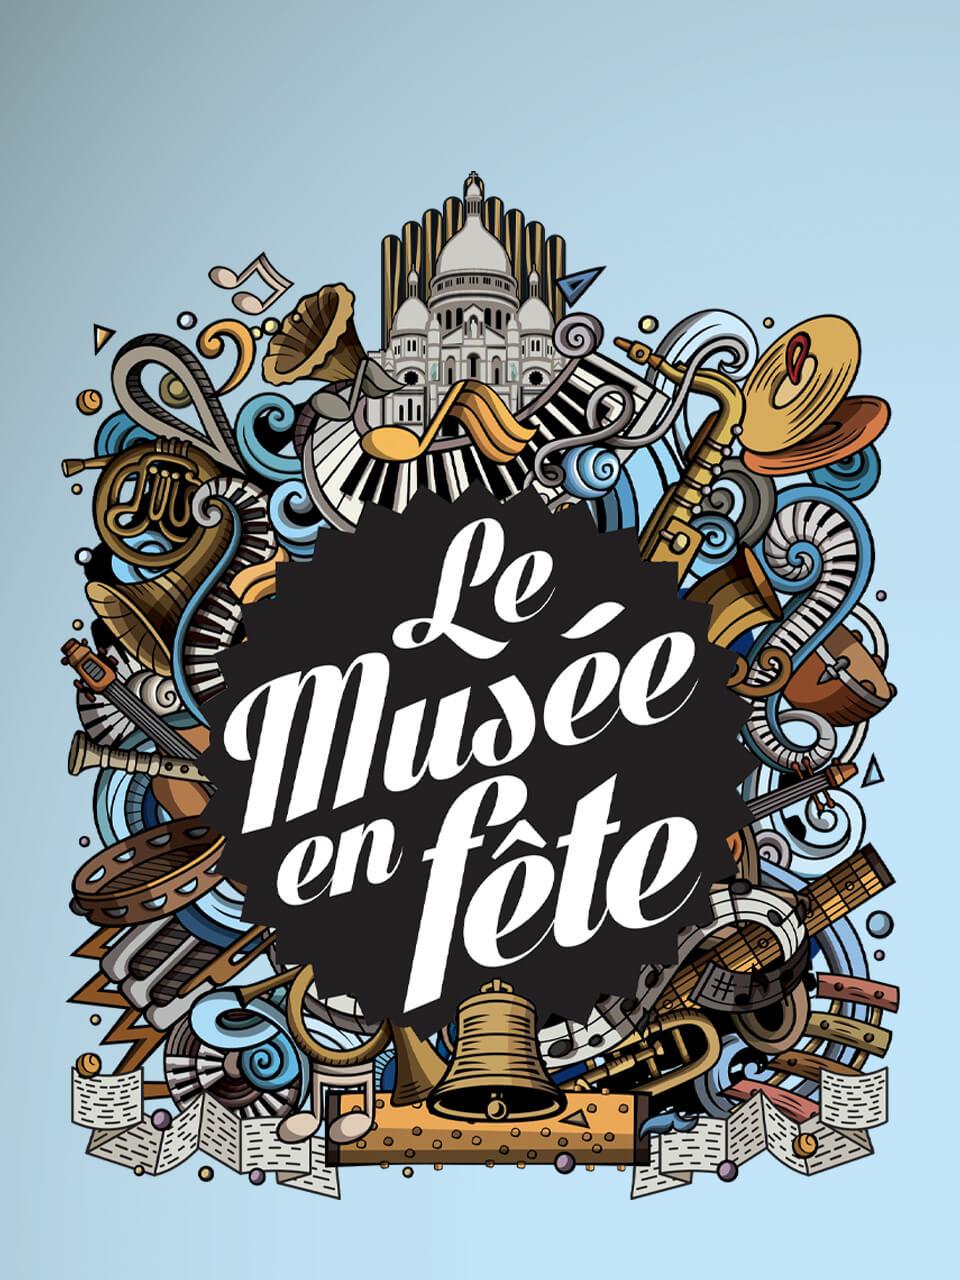 Affiche 2020 du musée de la musique mécanique en fête aux Gets